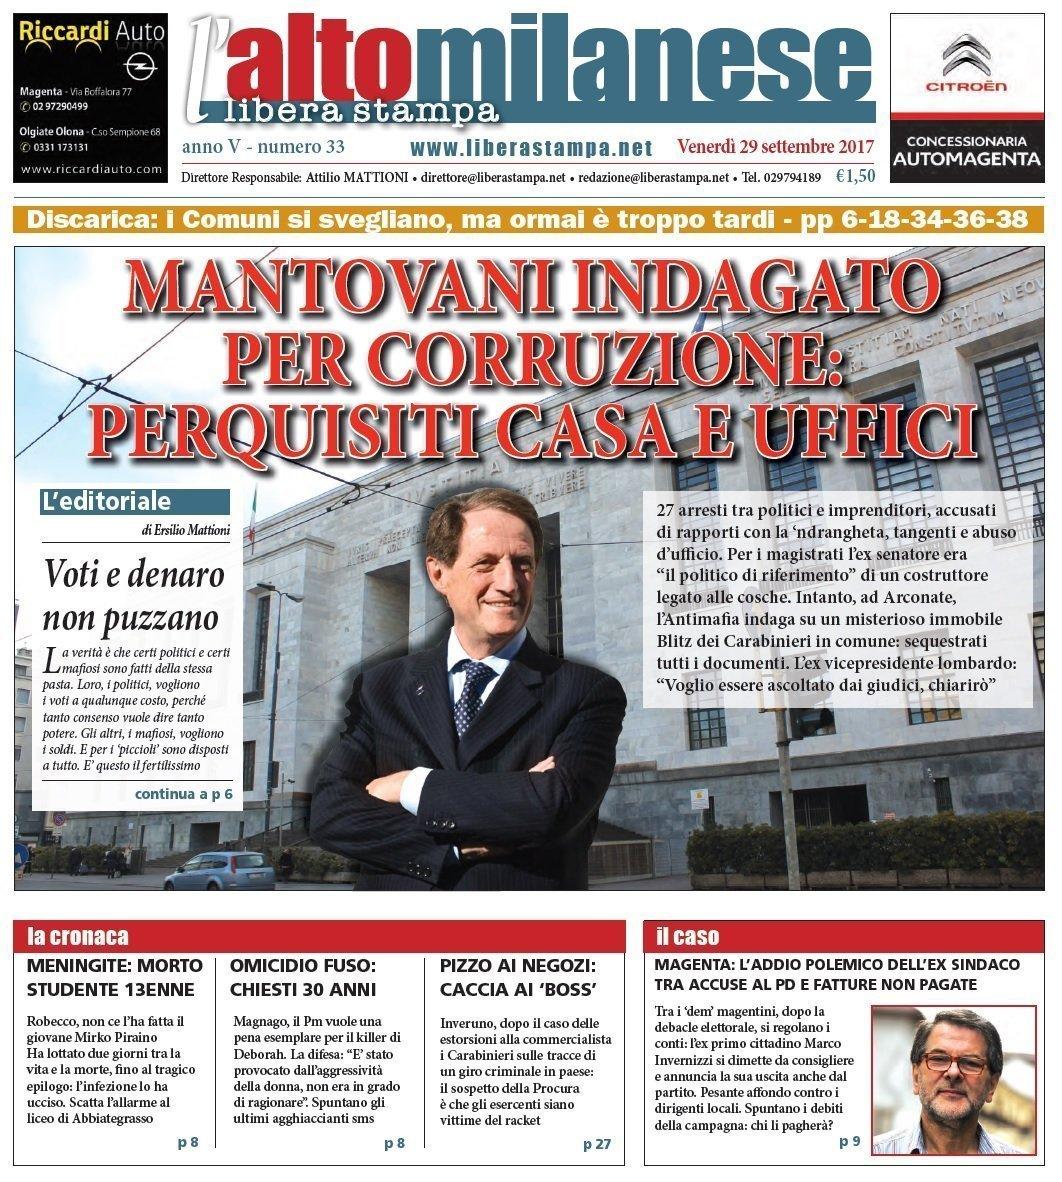 prima pagina 29 settembre 2017 anteprima notizie libera stampa l'altomilanese